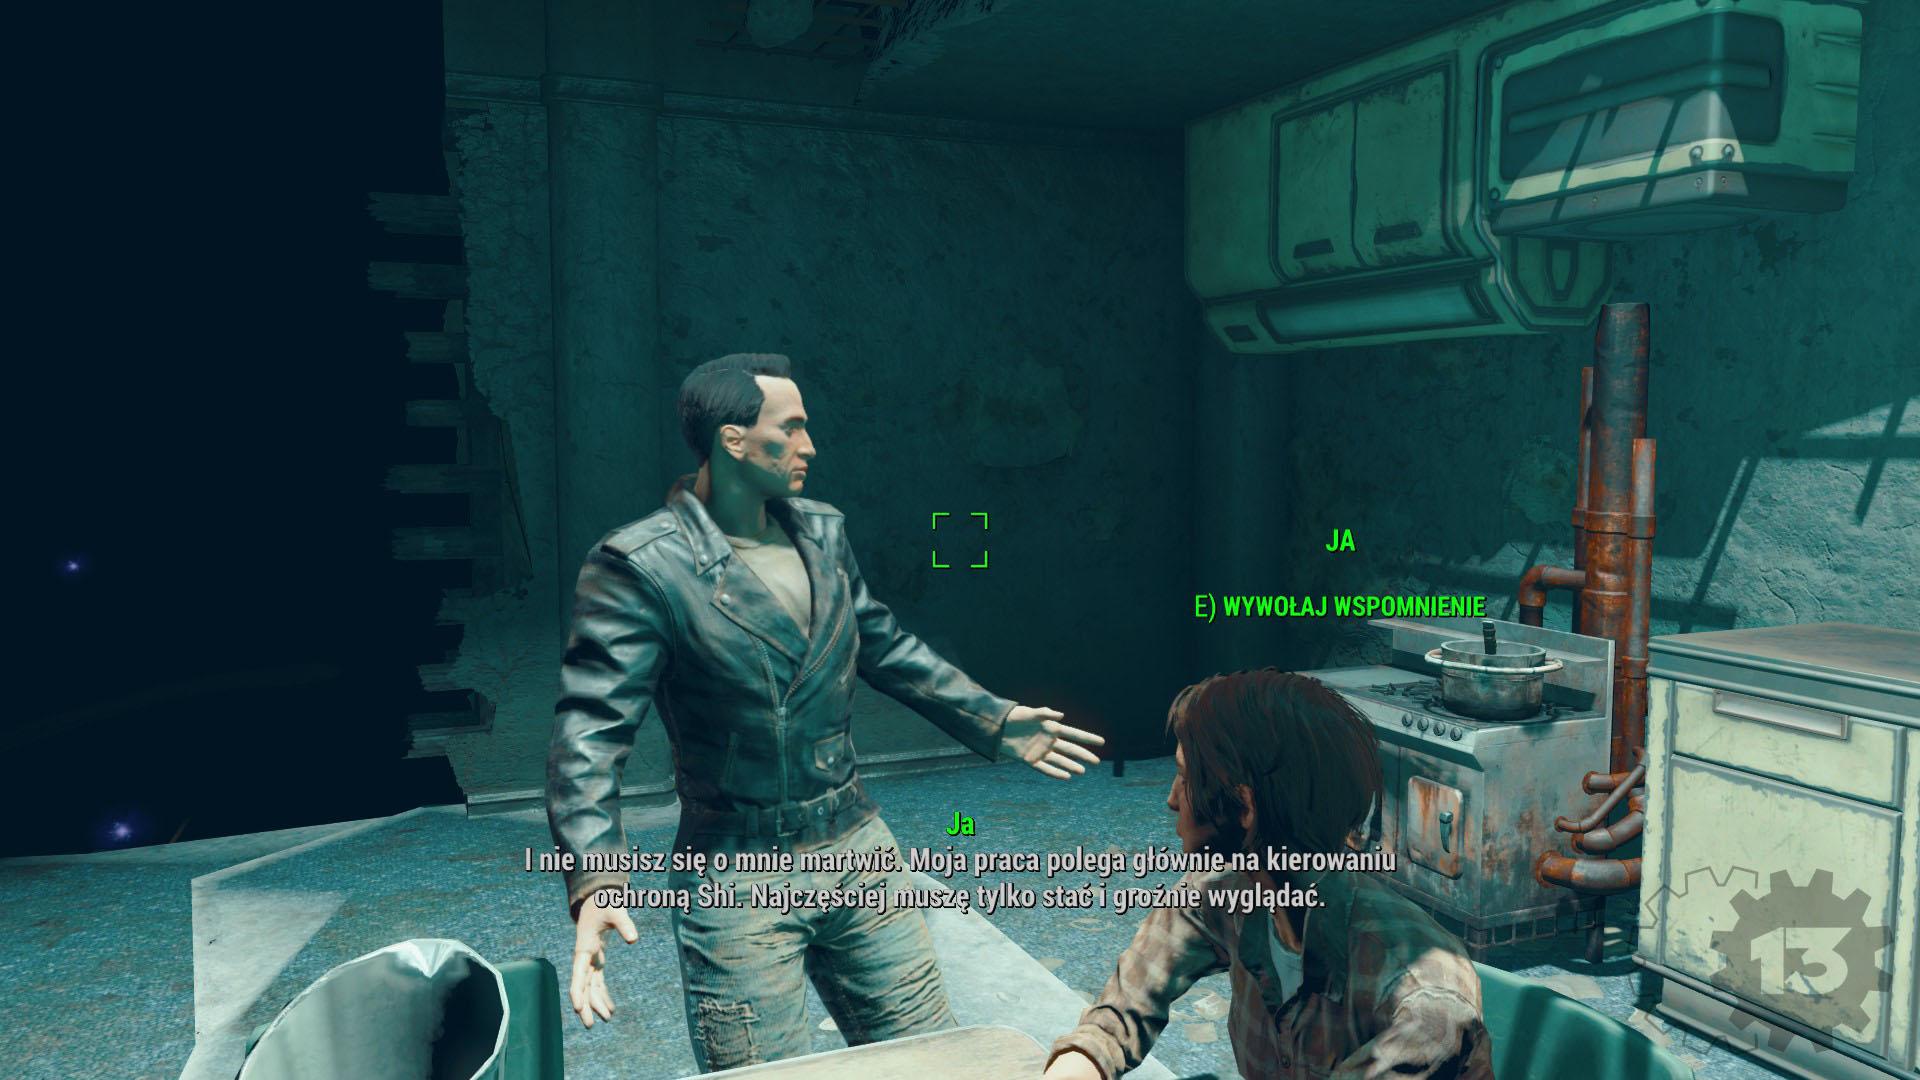 Trzynasty Schron Fallout 4 Recenzja 3 Postapokalipsa